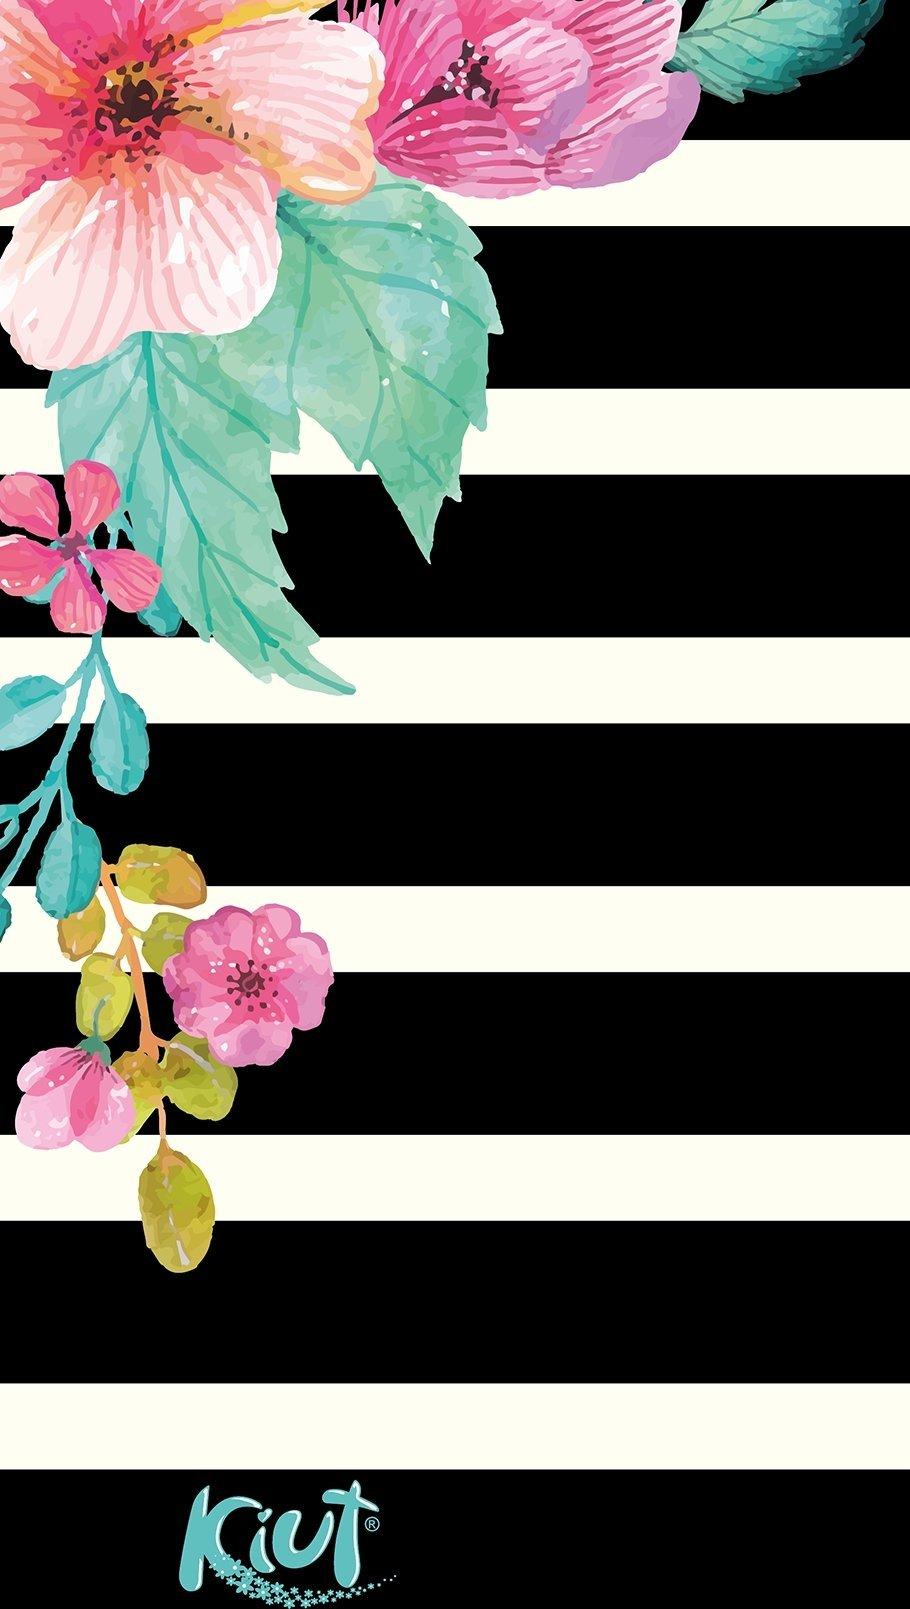 Fondos de pantalla Kiut Flores en lineas blancas y negras Vertical